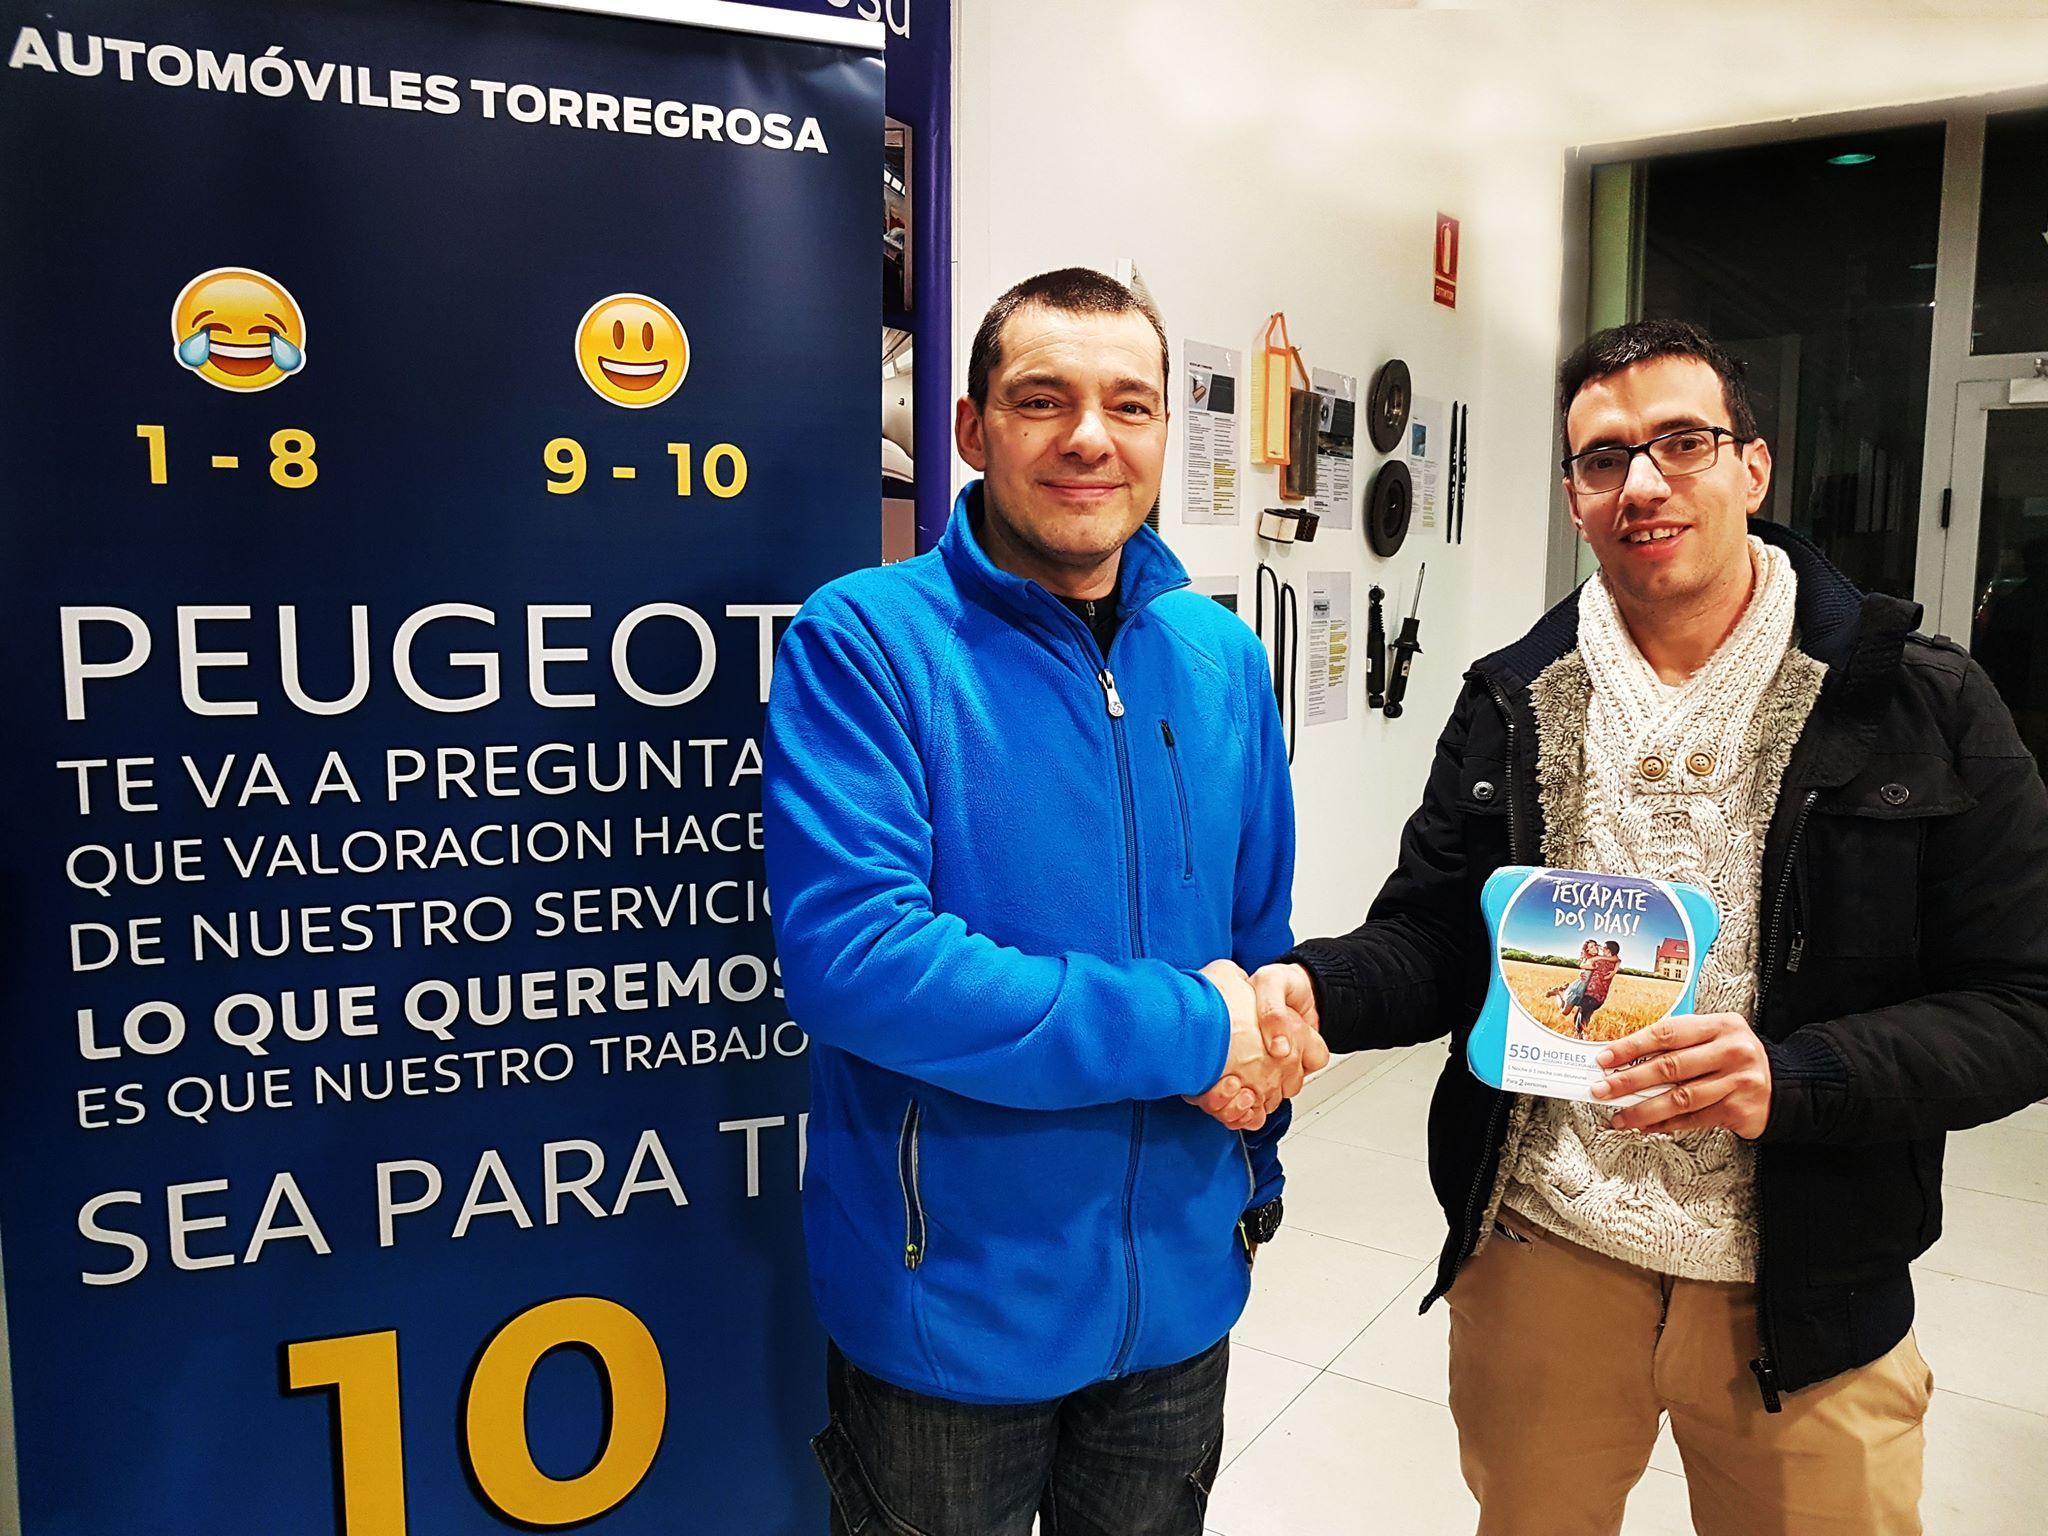 Automóviles Torregrosa premia la fidelidad de sus clientes.